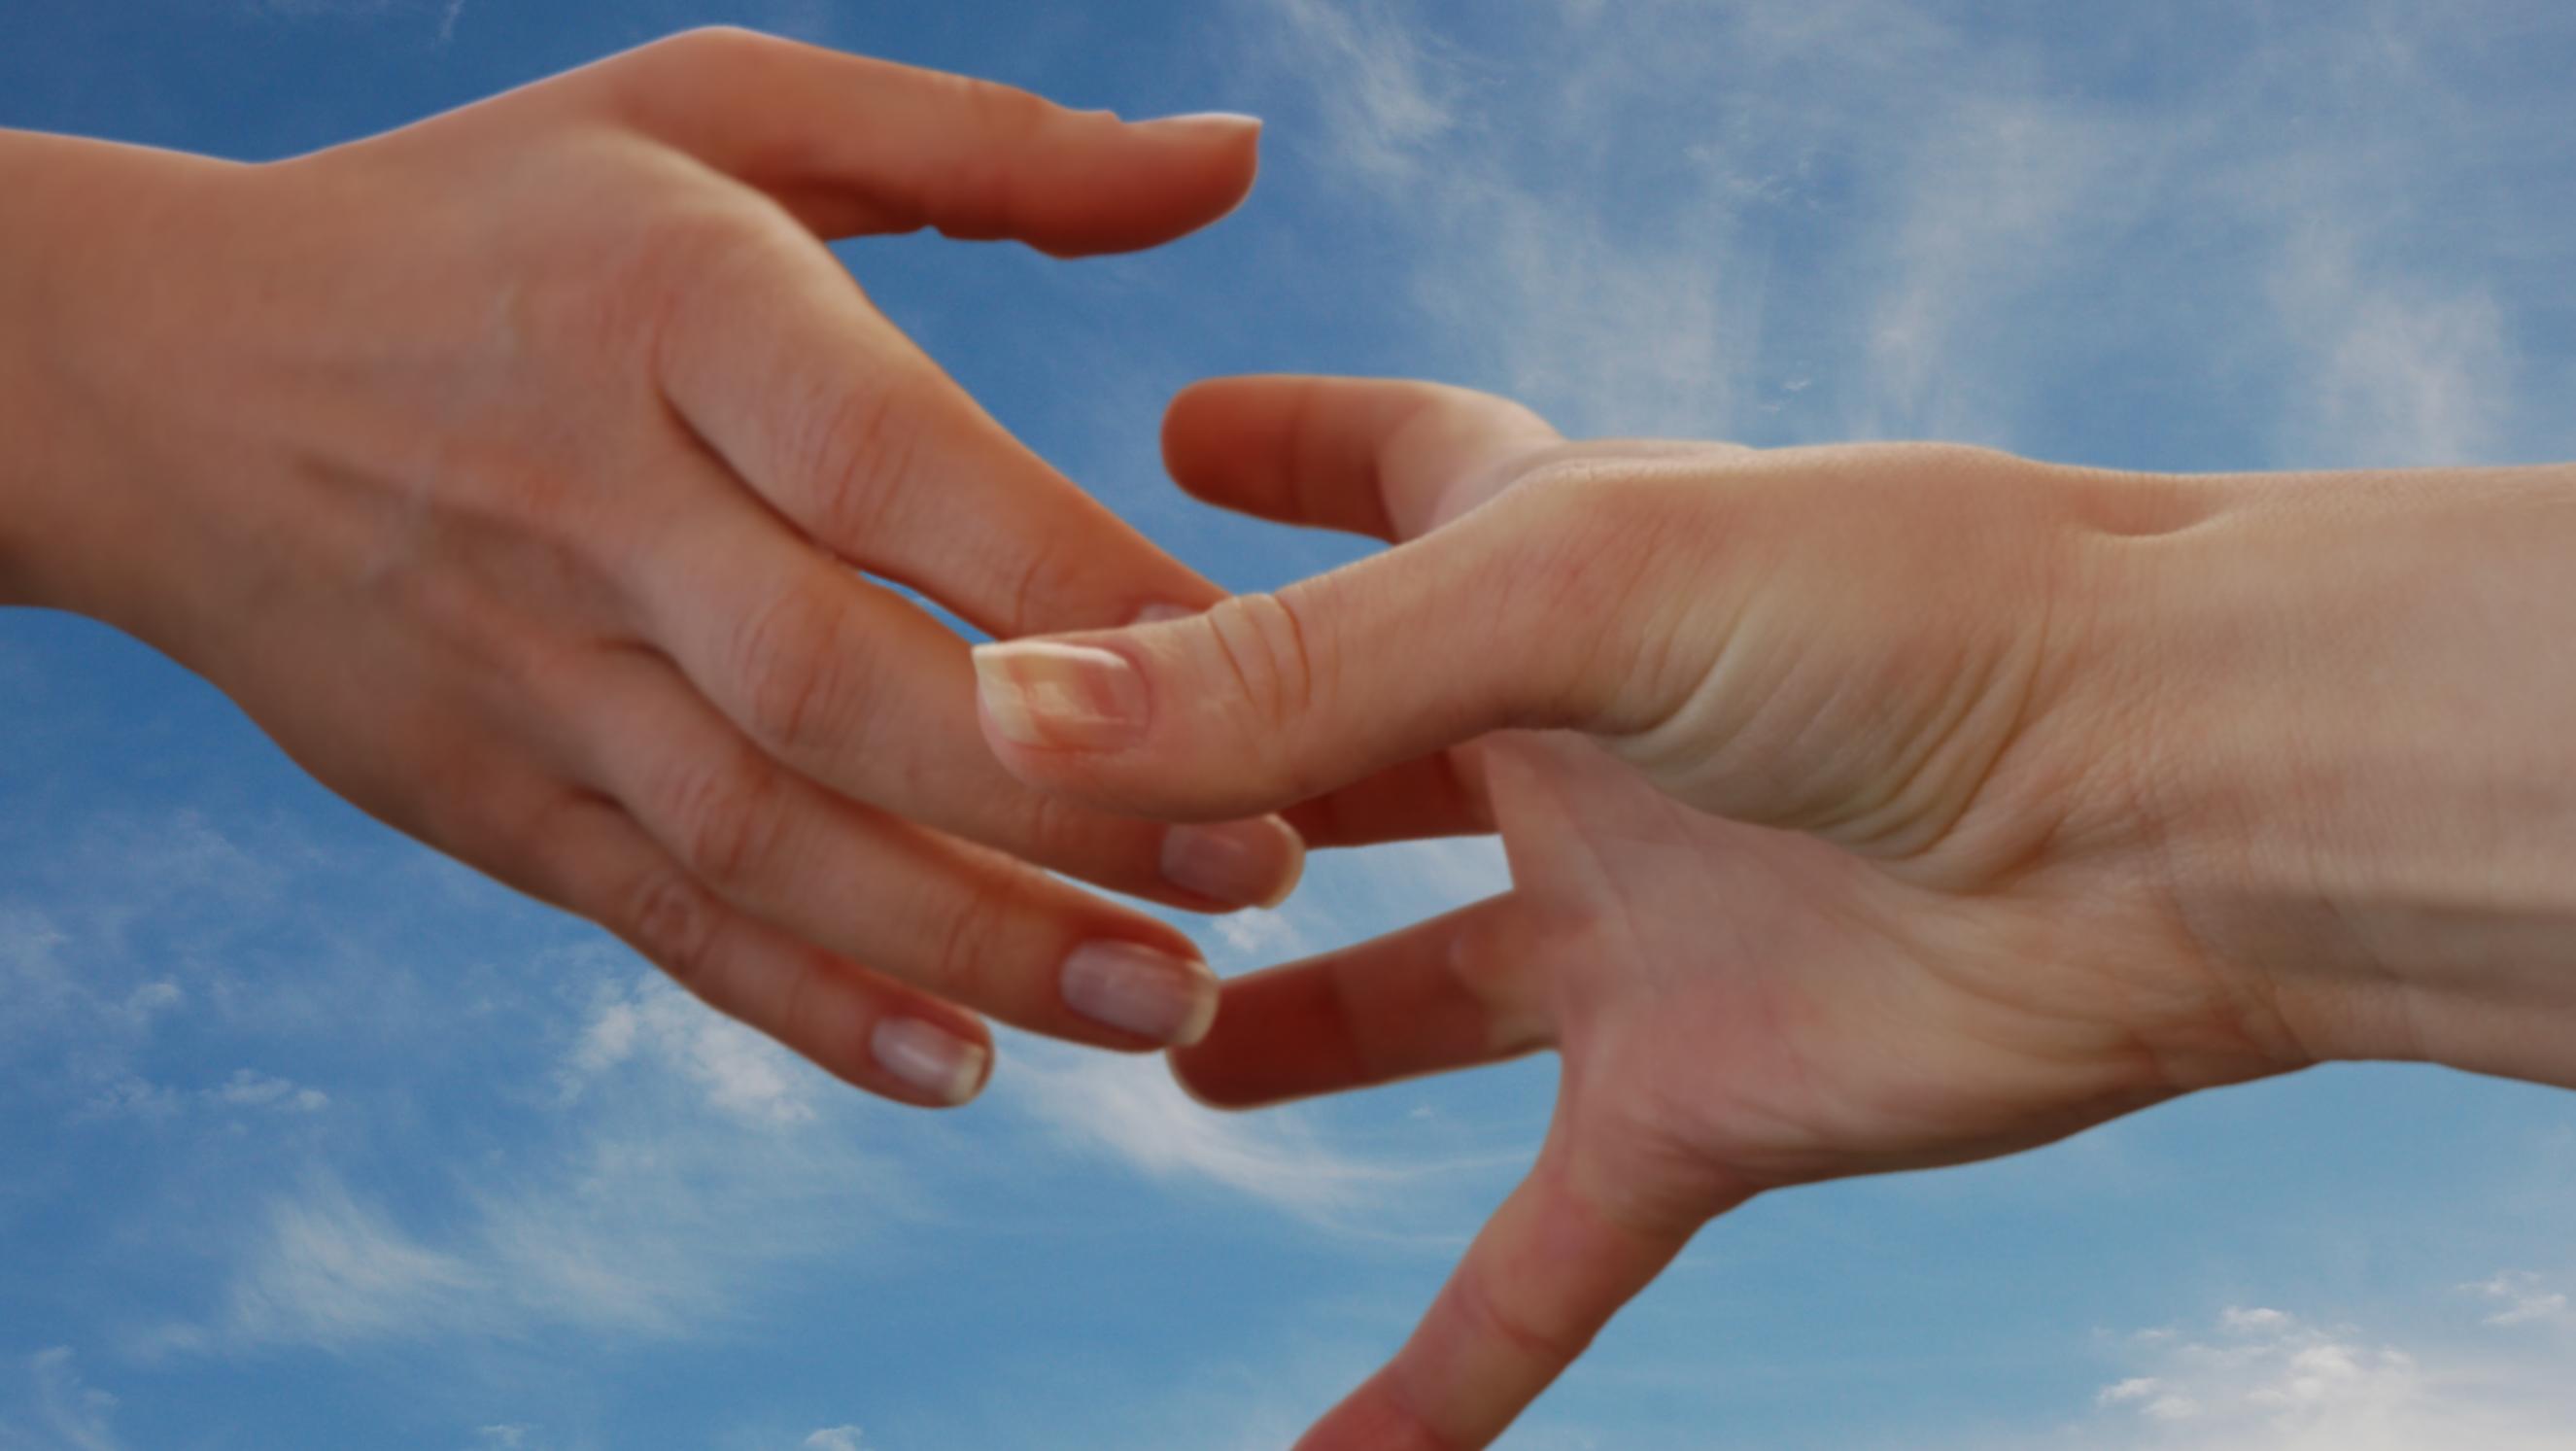 hjælpende hånd